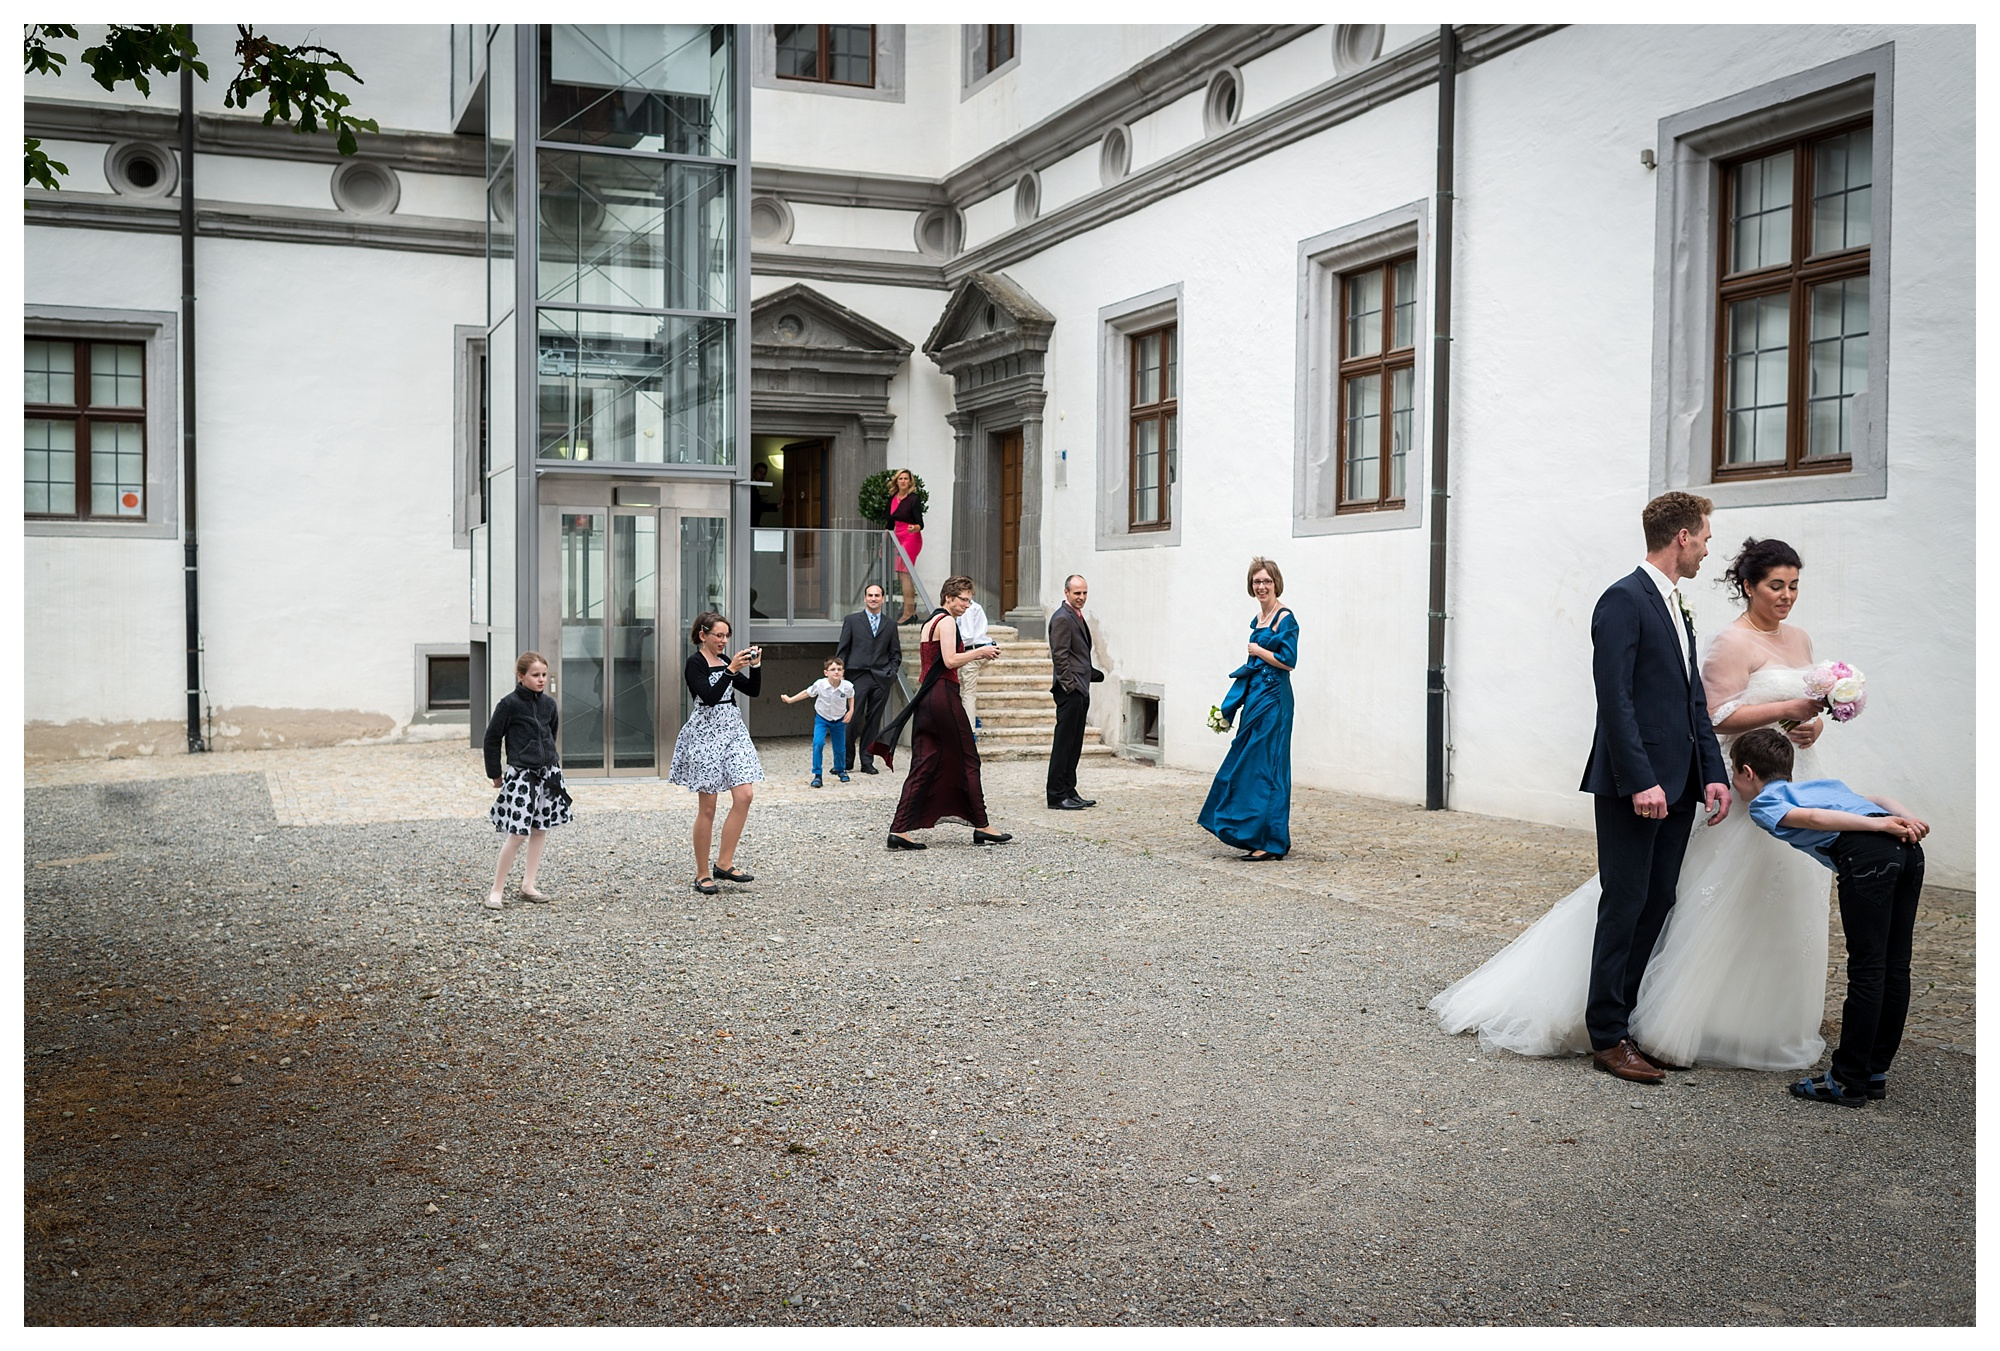 Fotograf Konstanz - Hochzeit Tanja Elmar Elmar Feuerbacher Photography Konstanz Messkirch Highlights 089 - Hochzeitsreportage von Tanja und Elmar im Schloss Meßkirch  - 190 -